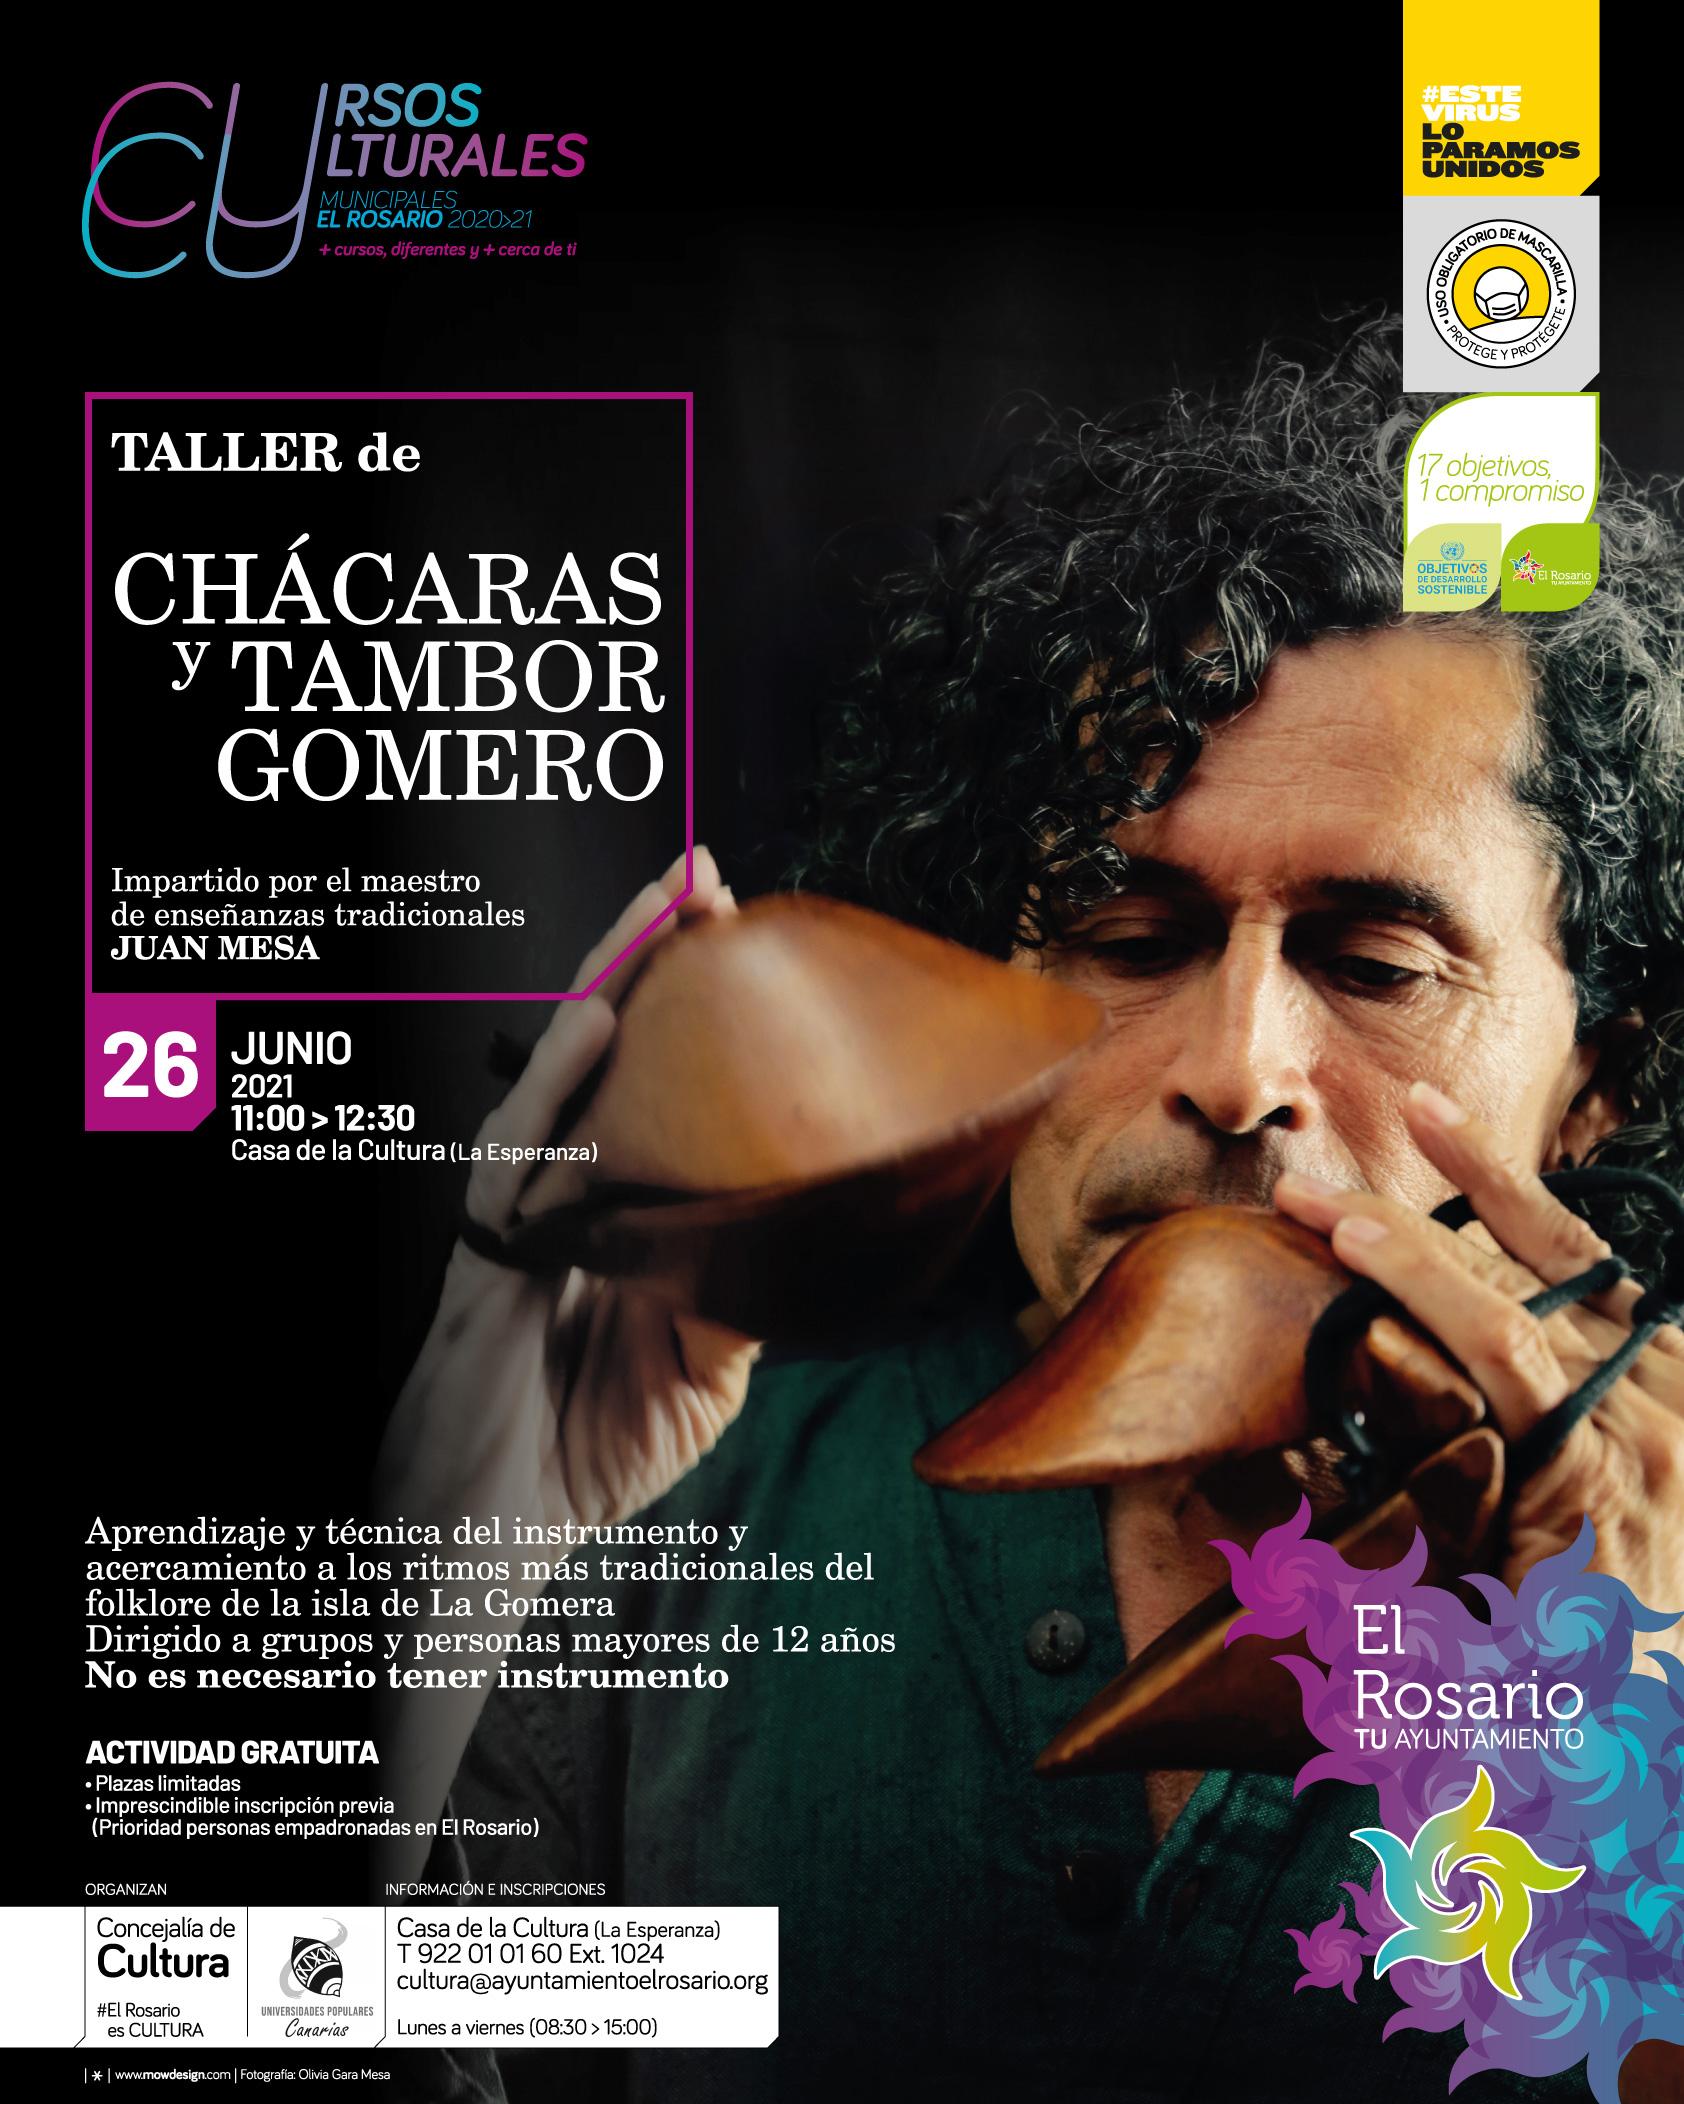 CURSOS_CULTURALES-TALLER_CHACARAS-20210626-CARTES_A3-20210617-01af-redes